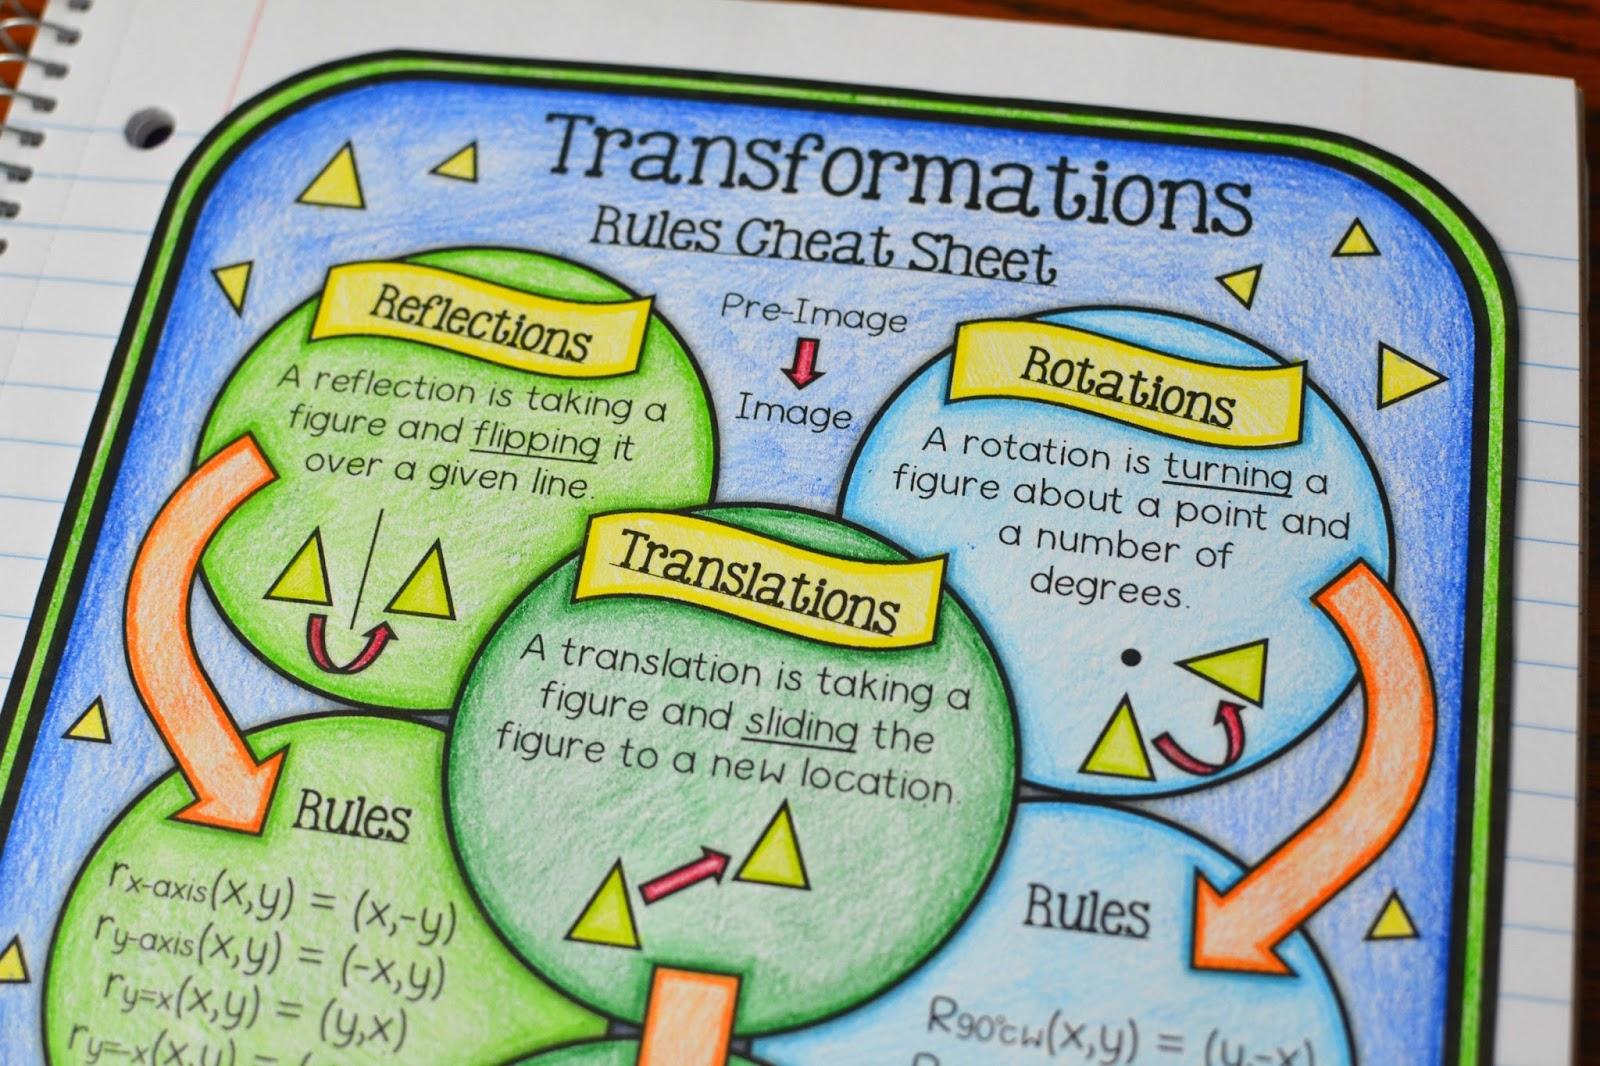 Transformations Rule Cheat Sheet Freebie